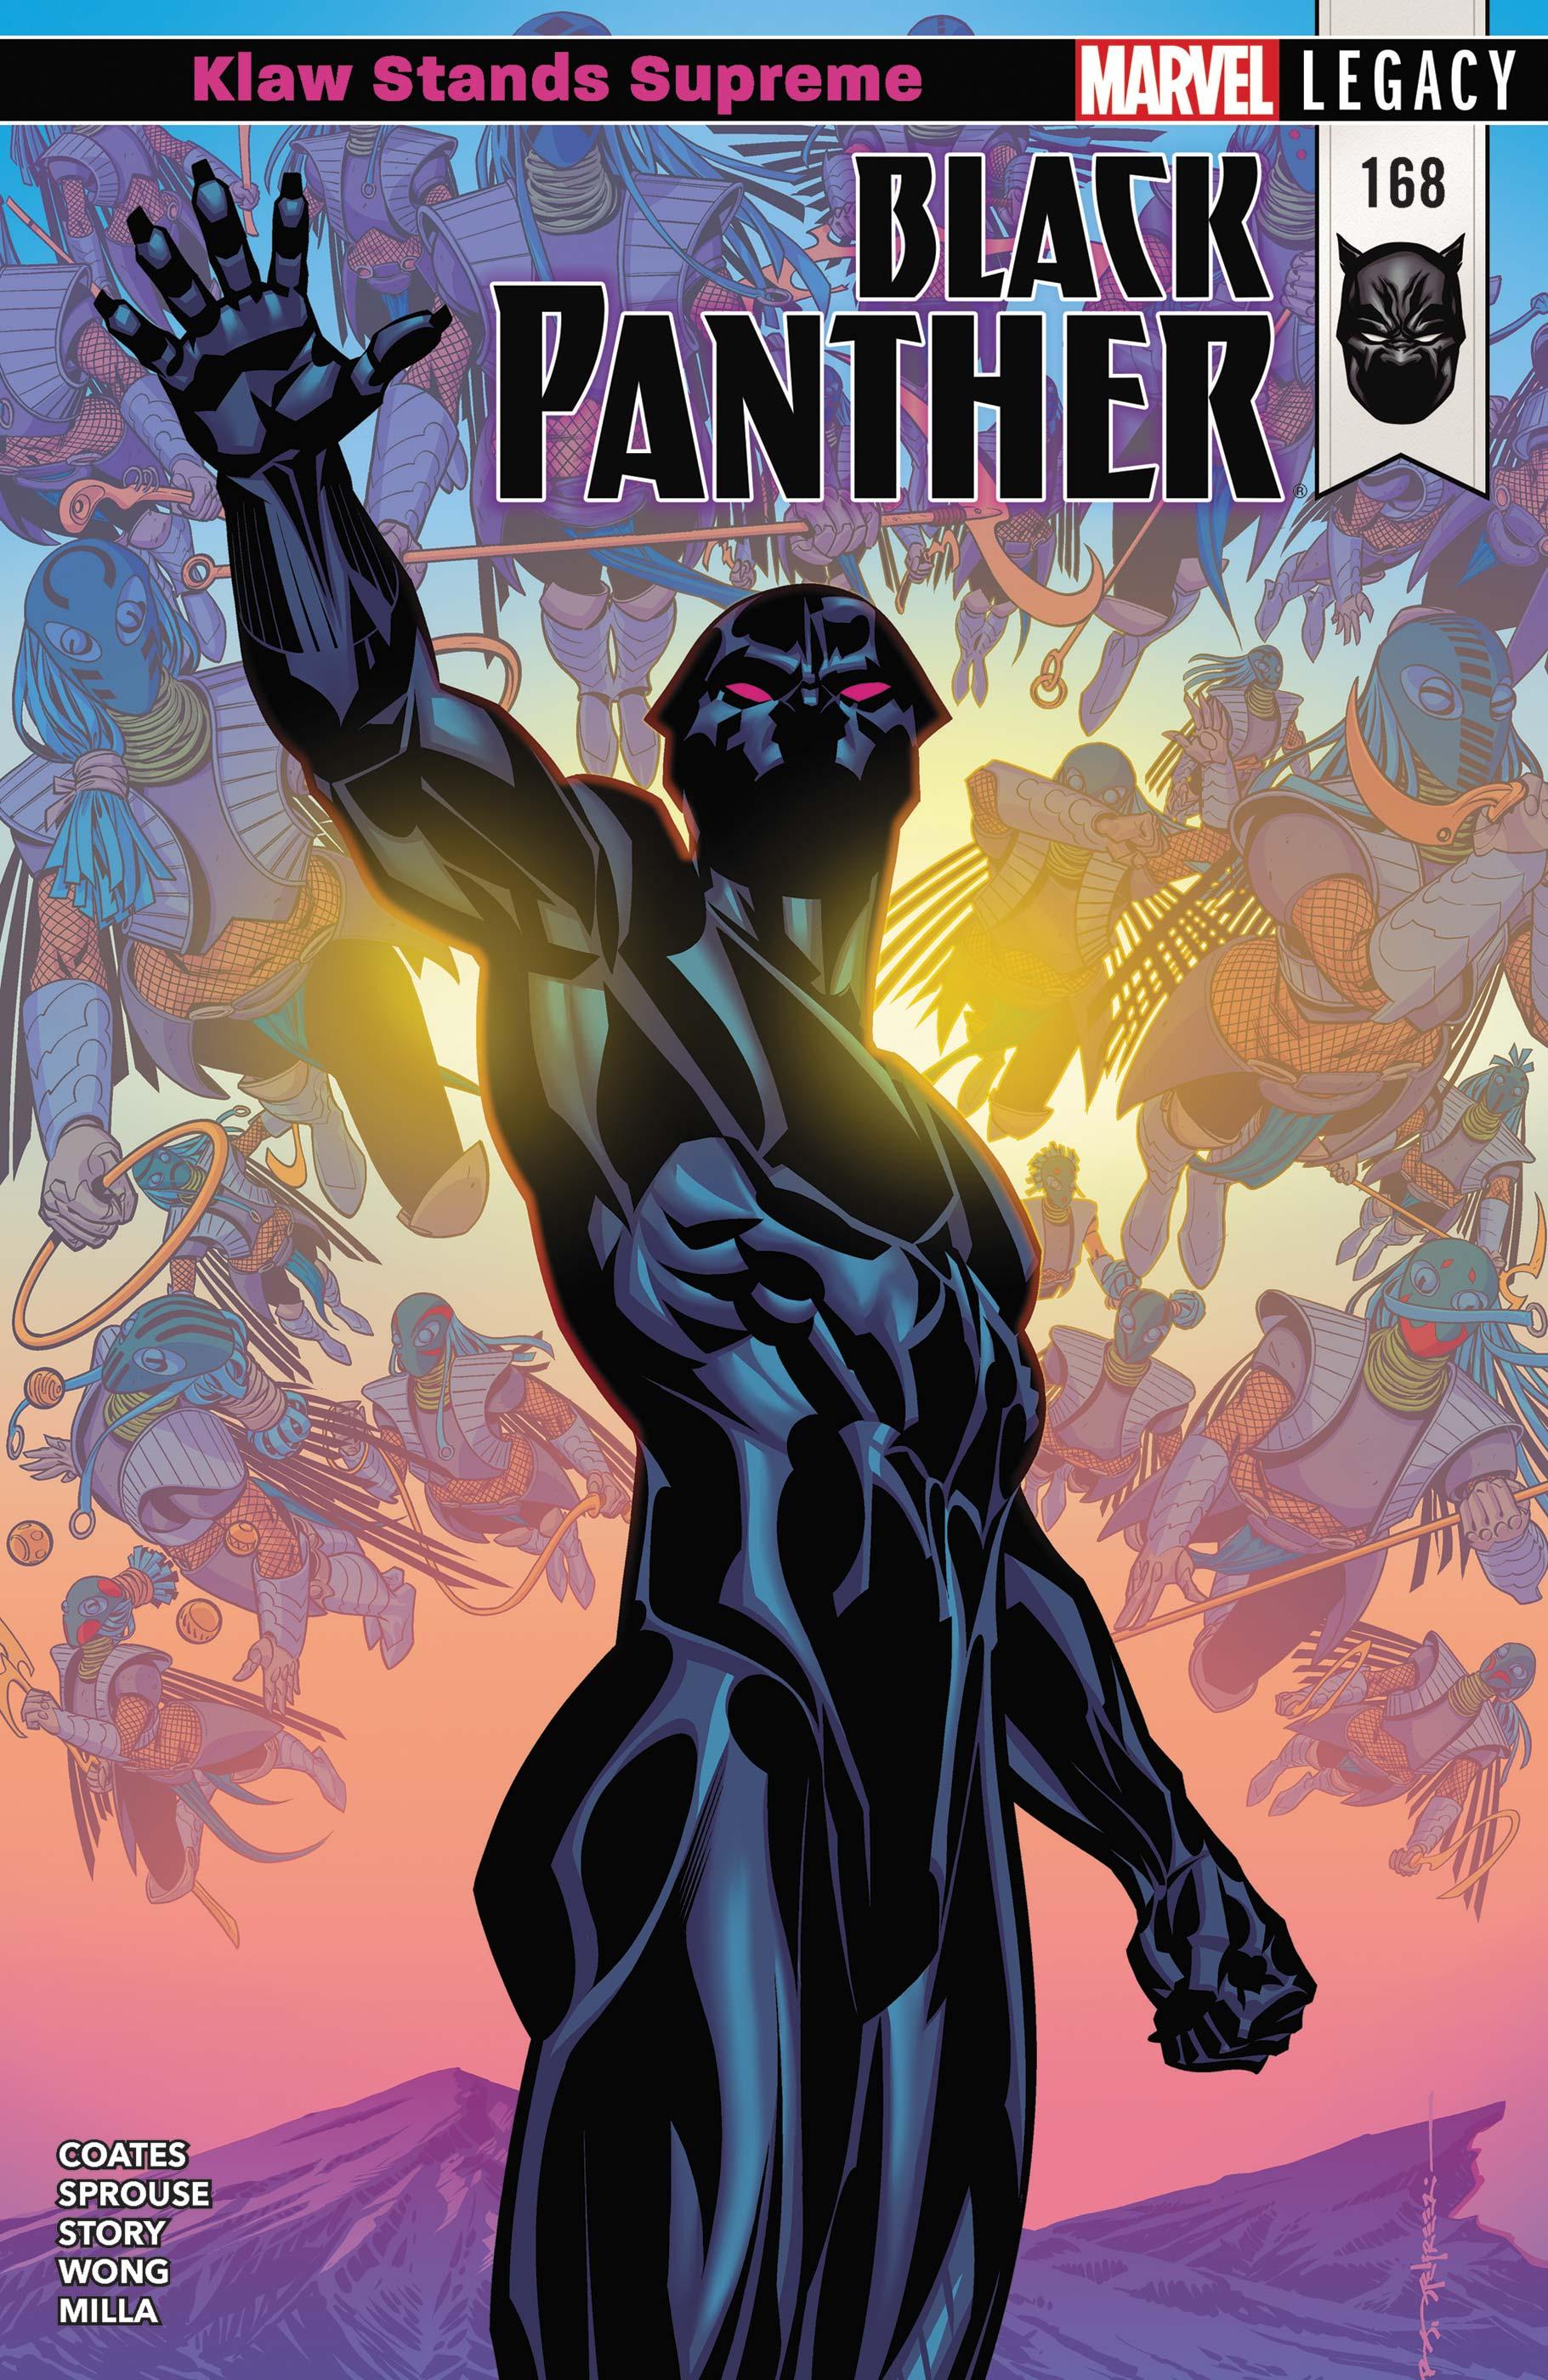 Black Panther (2016) #168